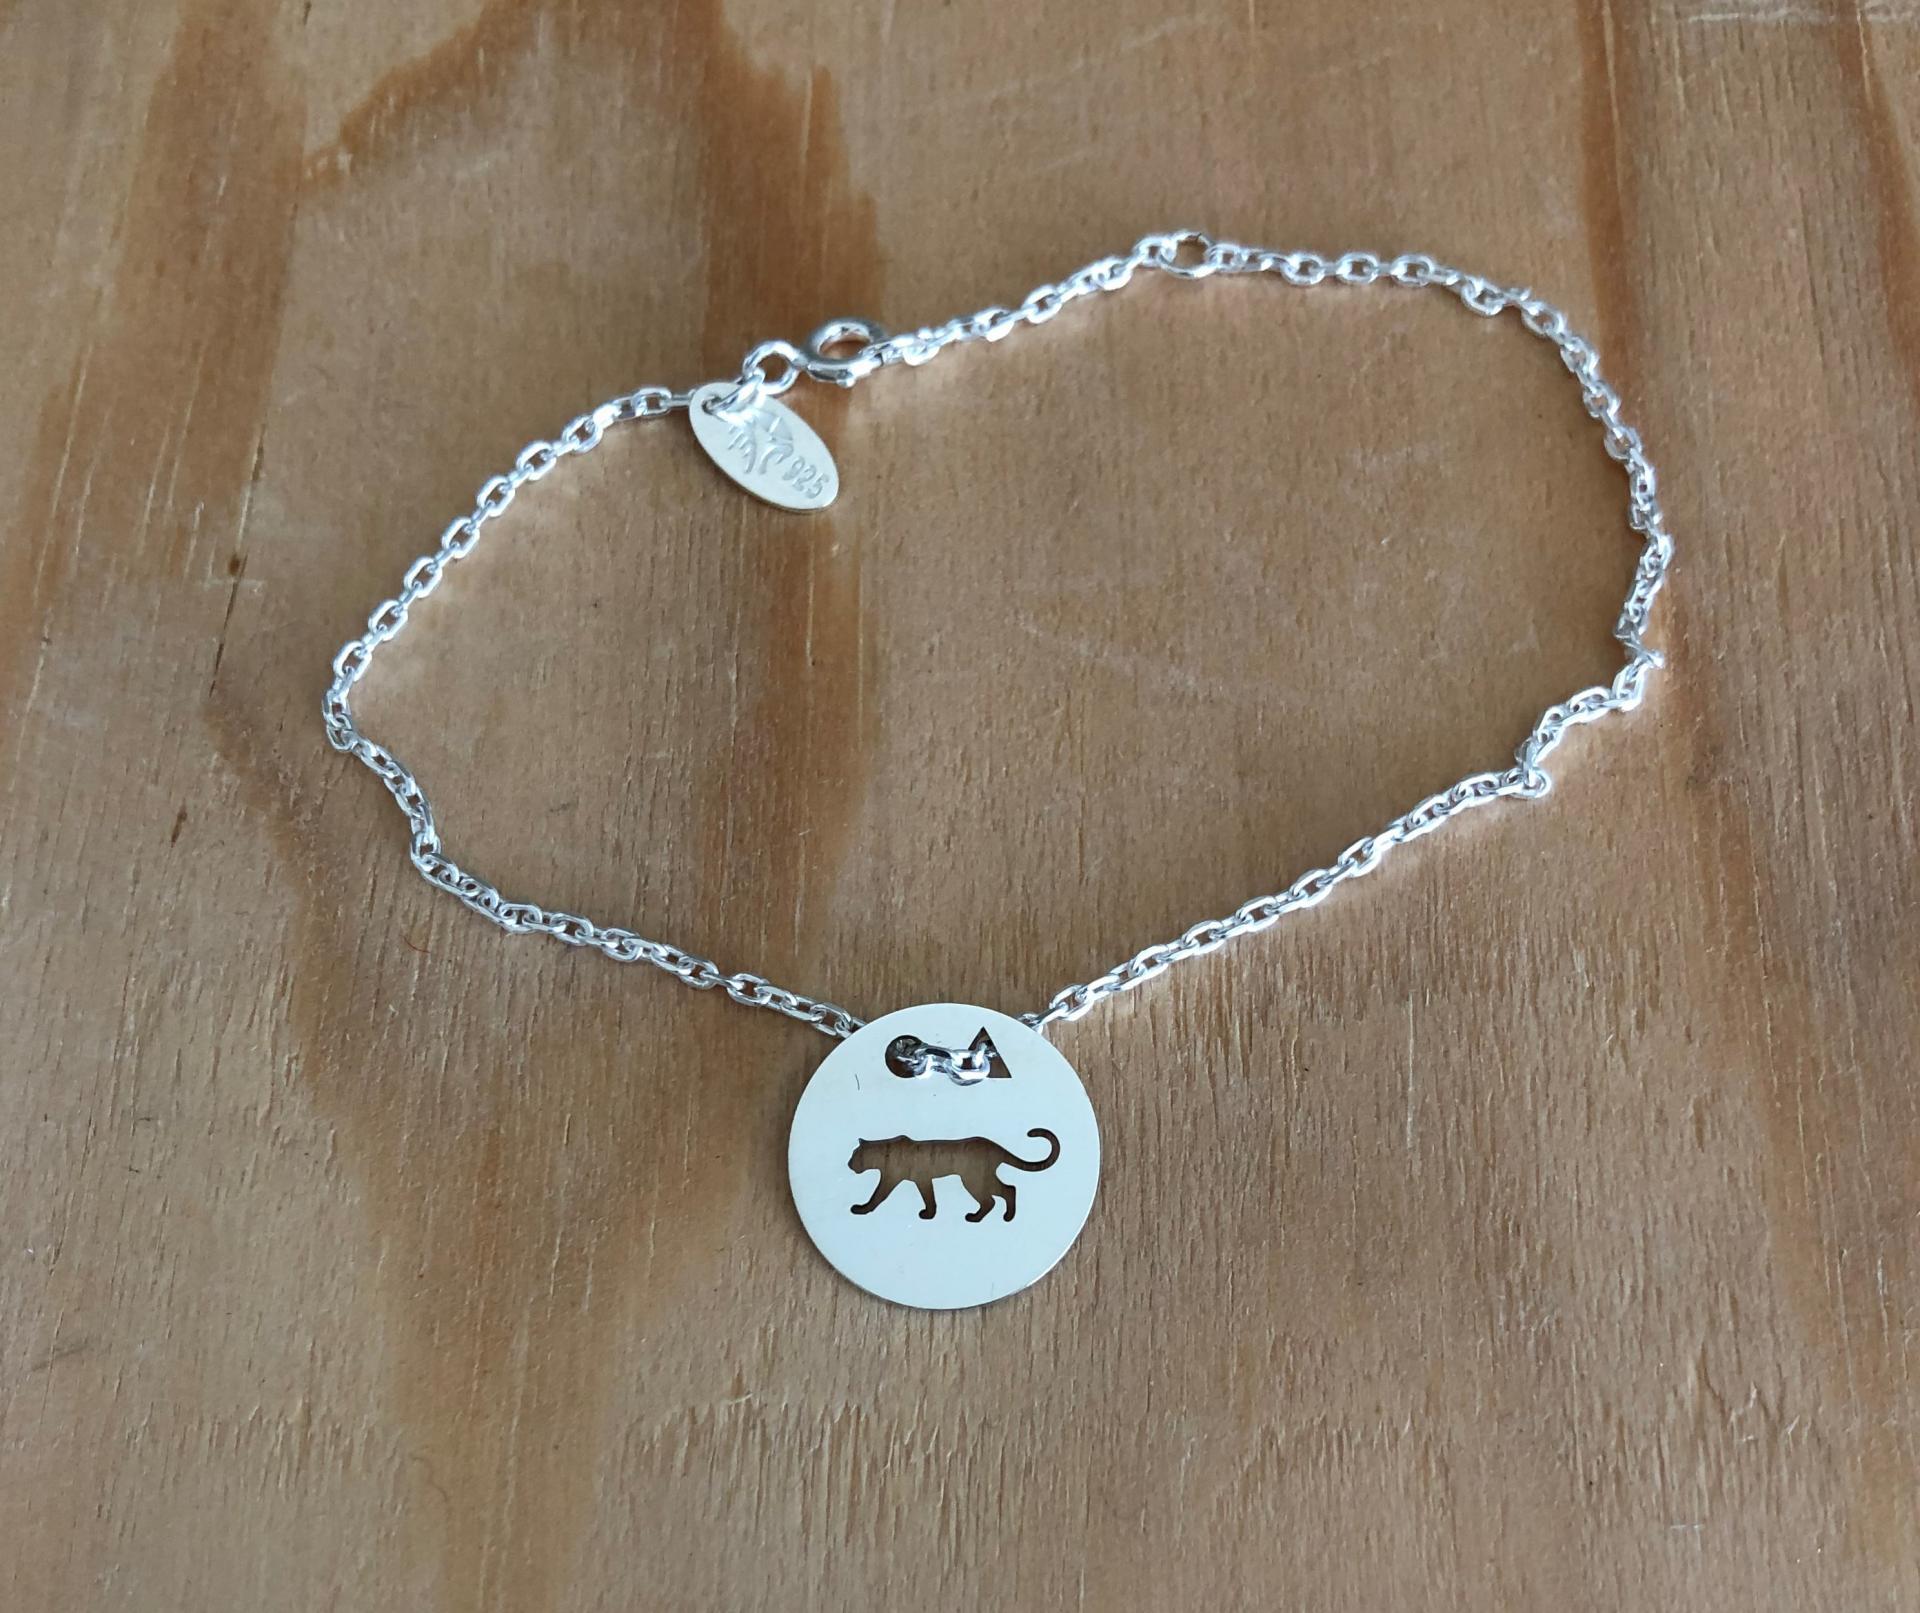 Puma brac chaine